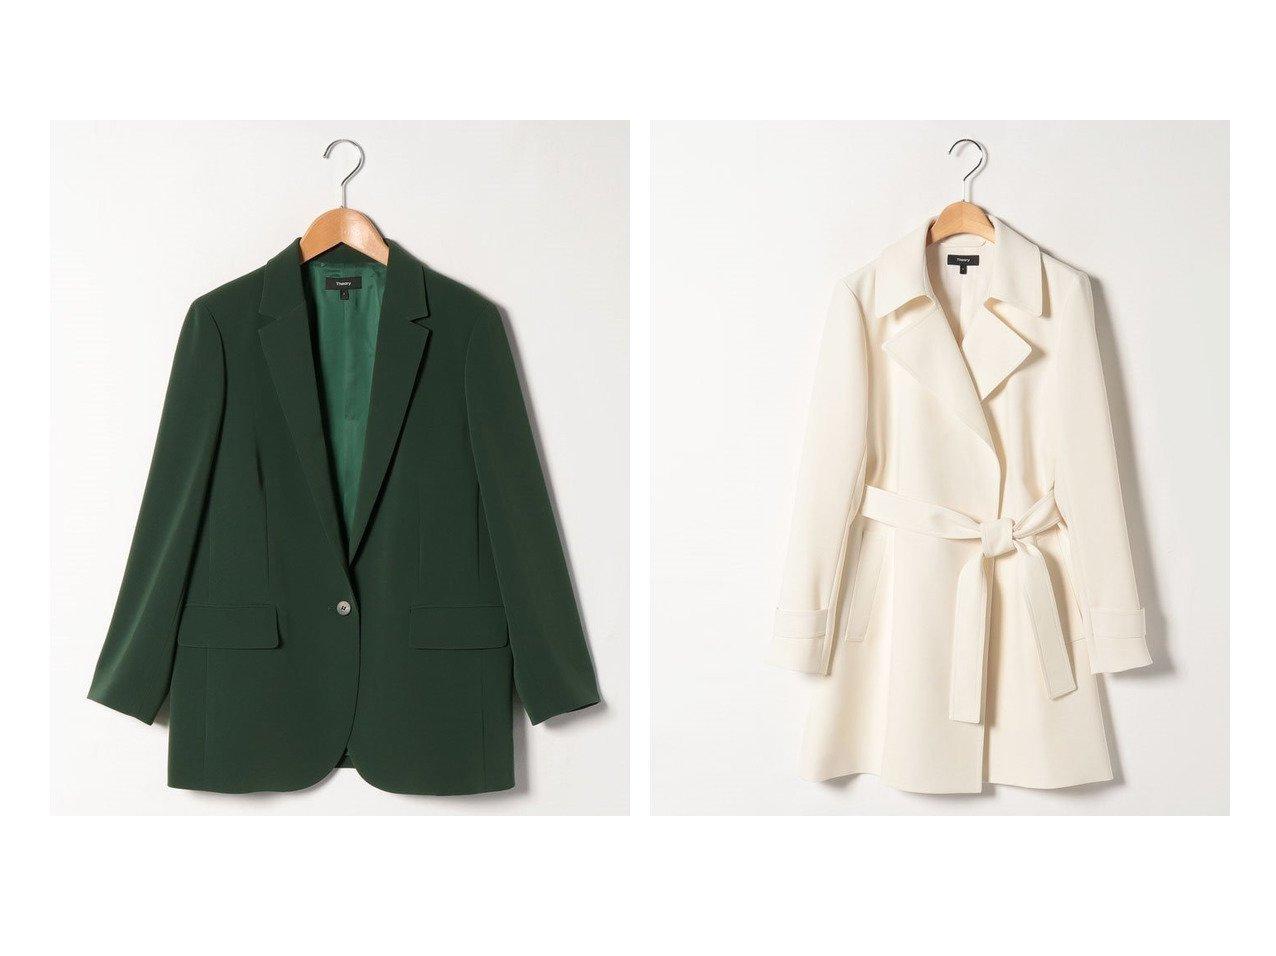 【theory/セオリー】のジャケット CLASSIC CREPE CASUAL BLAZ&コート CLASSIC CREPE SHORT OAKLA アウターのおすすめ!人気、トレンド・レディースファッションの通販 おすすめで人気の流行・トレンド、ファッションの通販商品 メンズファッション・キッズファッション・インテリア・家具・レディースファッション・服の通販 founy(ファニー) https://founy.com/ ファッション Fashion レディースファッション WOMEN アウター Coat Outerwear ジャケット Jackets テーラードジャケット Tailored Jackets コート Coats トレンチコート Trench Coats NEW・新作・新着・新入荷 New Arrivals コンパクト ジャケット ドレープ ファブリック フィット フェミニン ブレスレット 吸水 |ID:crp329100000022639